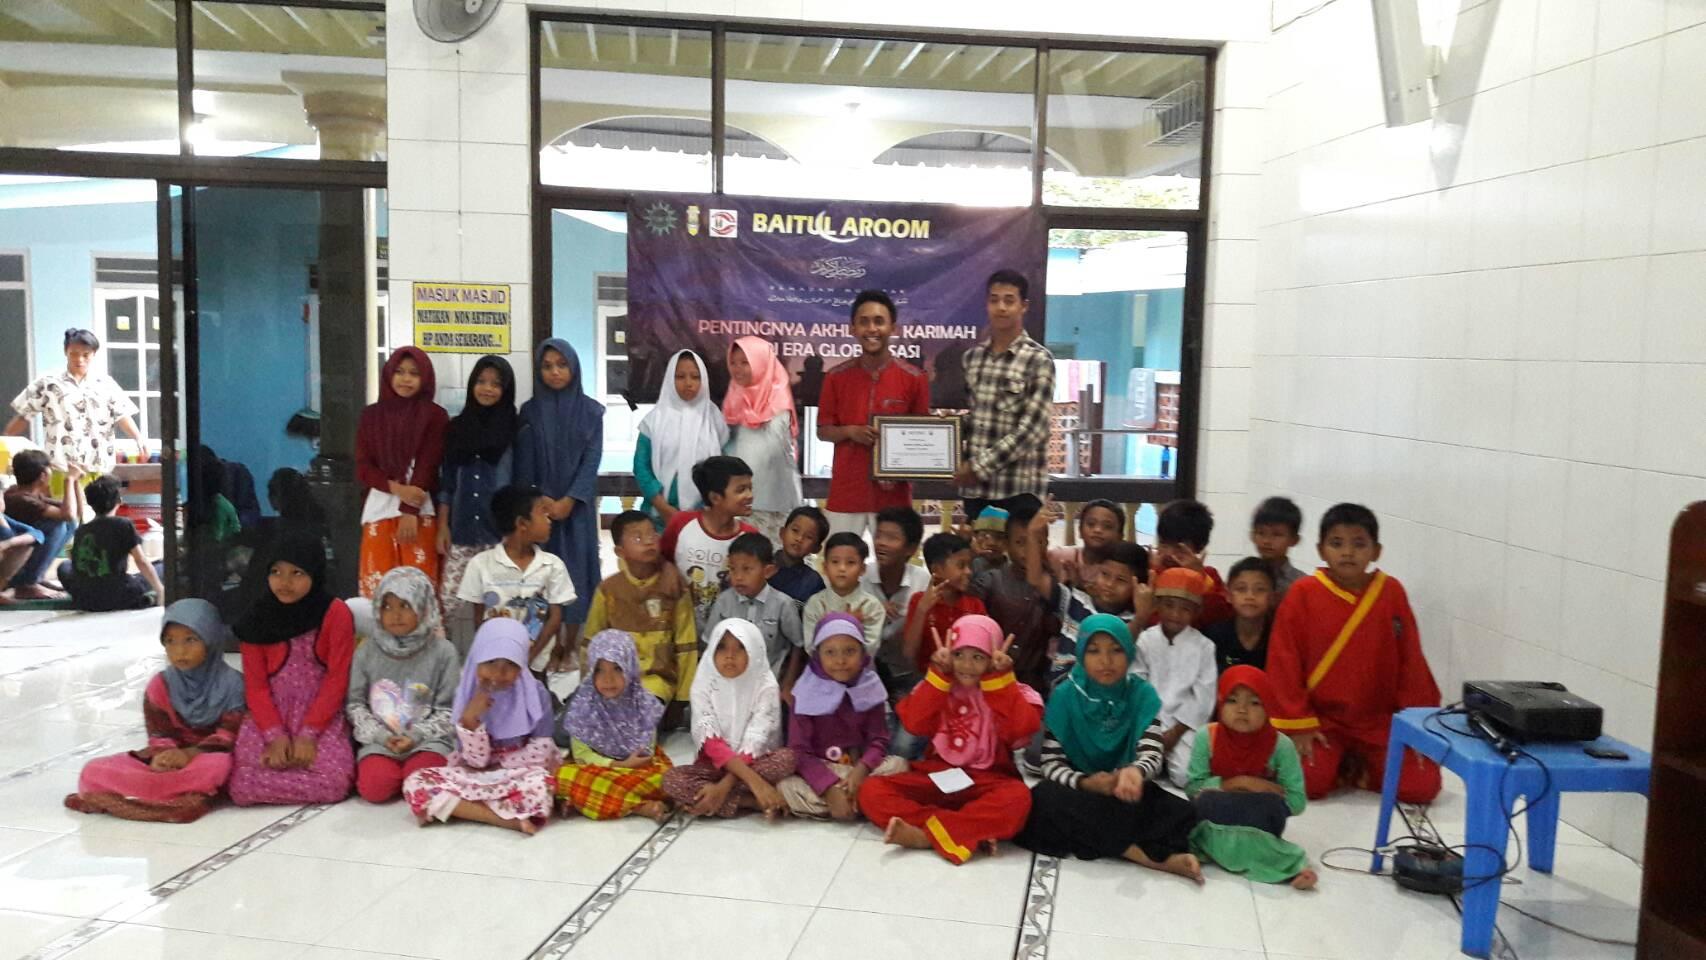 Baitul Arqam, Bentuk Upaya IMM Al Fatih Dalam Menanamkan Sifat Akhlaqul Karimah Untuk Anak-Anak Sekitar Masjid